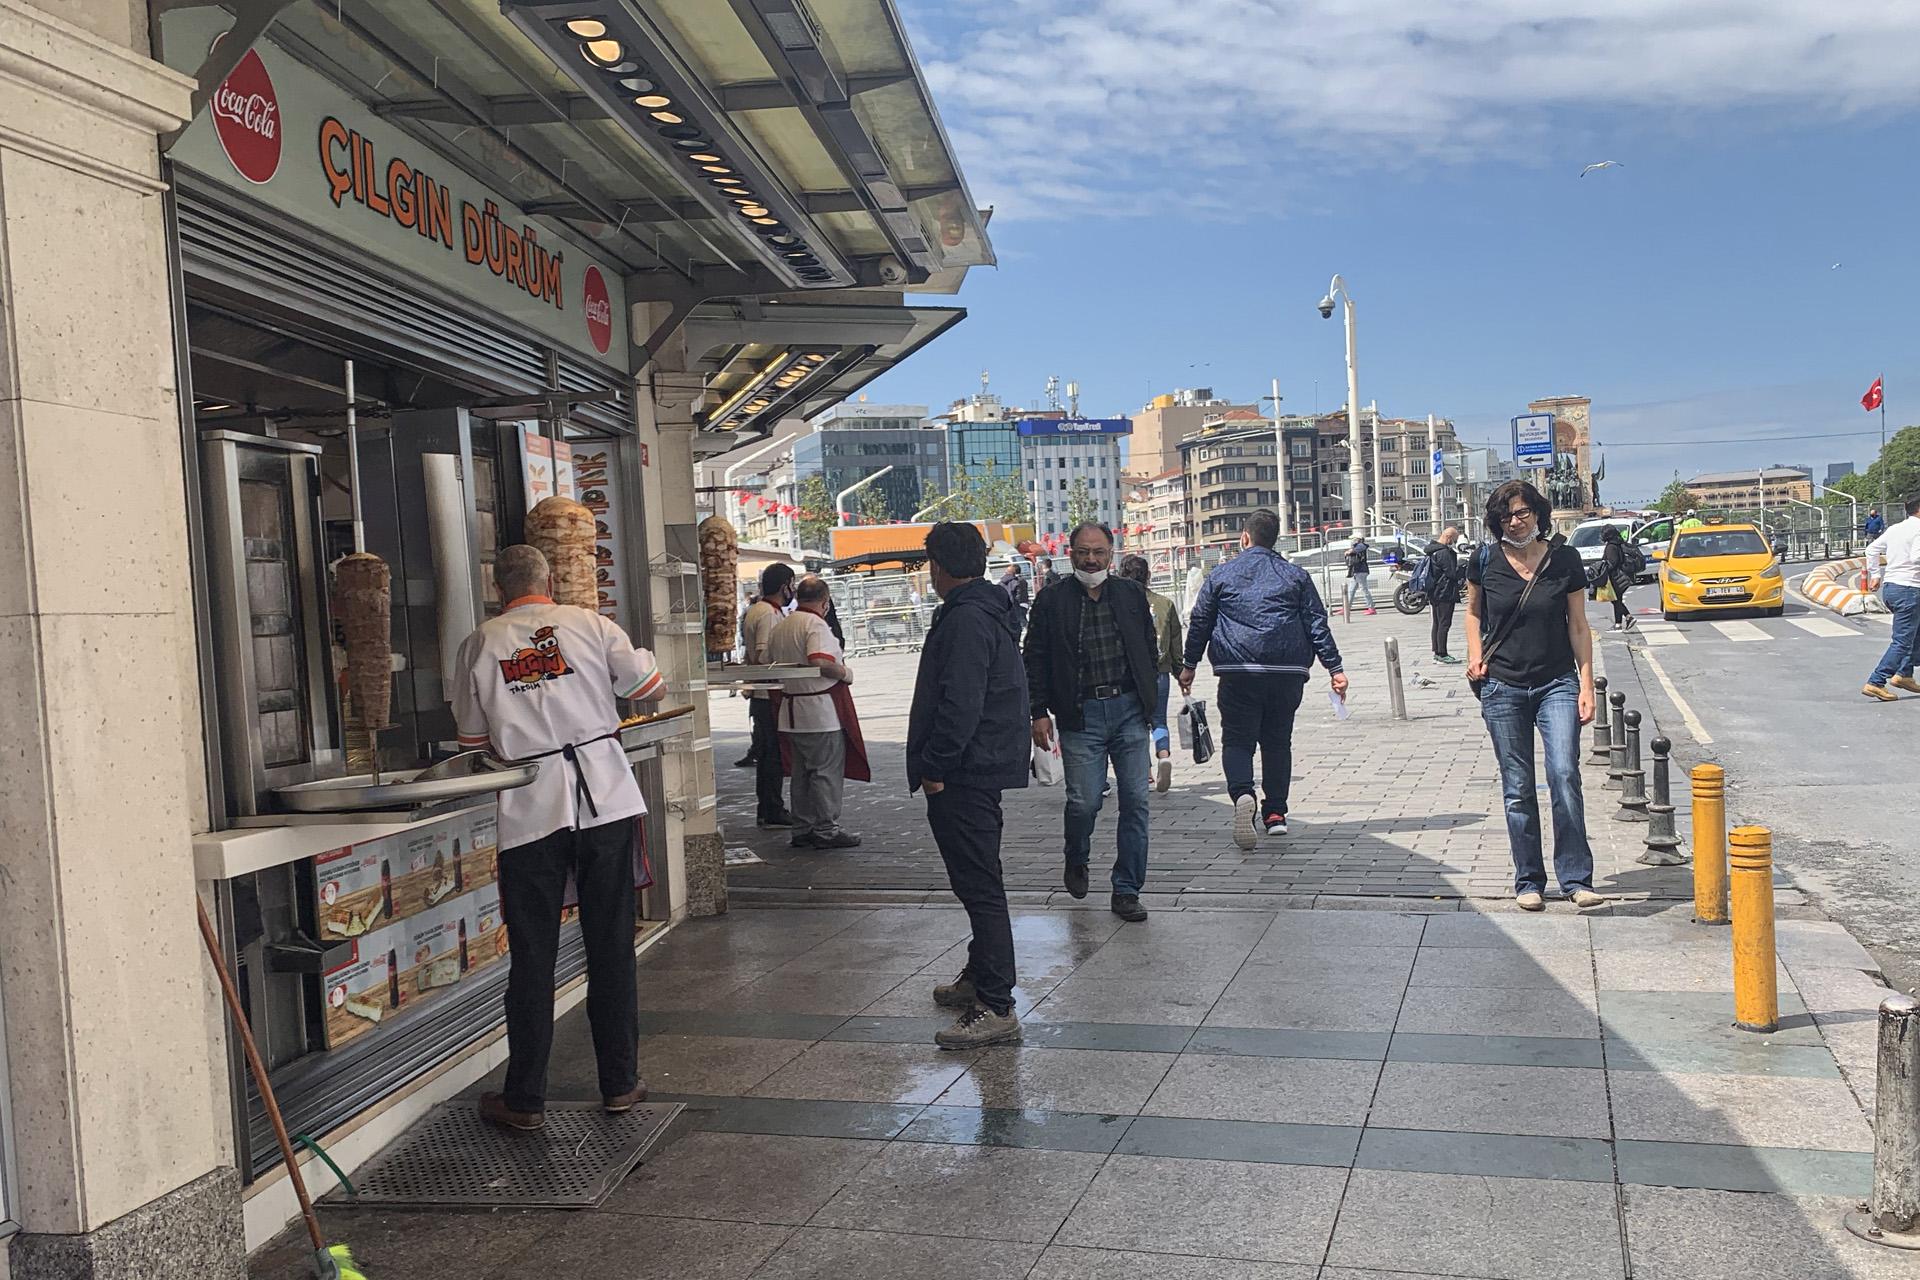 الحركة عادت تدريجيا في إسطنبول (الجزيرة)